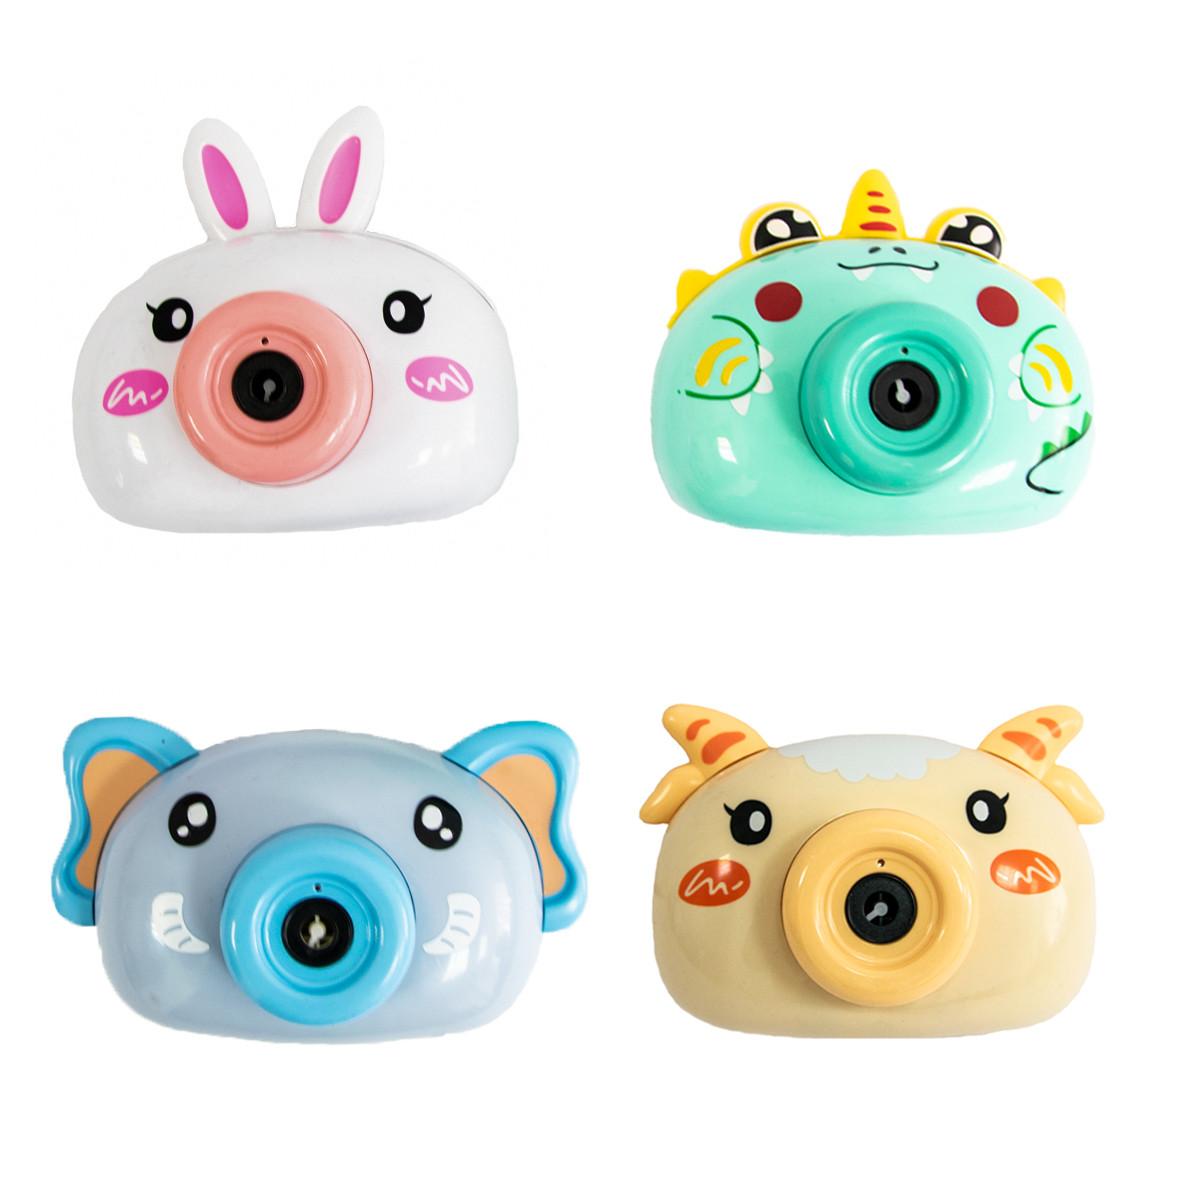 Генератор мыльных пузырей детский Bubble Camera фотоапарат бульбашкомет (Розовый заяц) (ST)